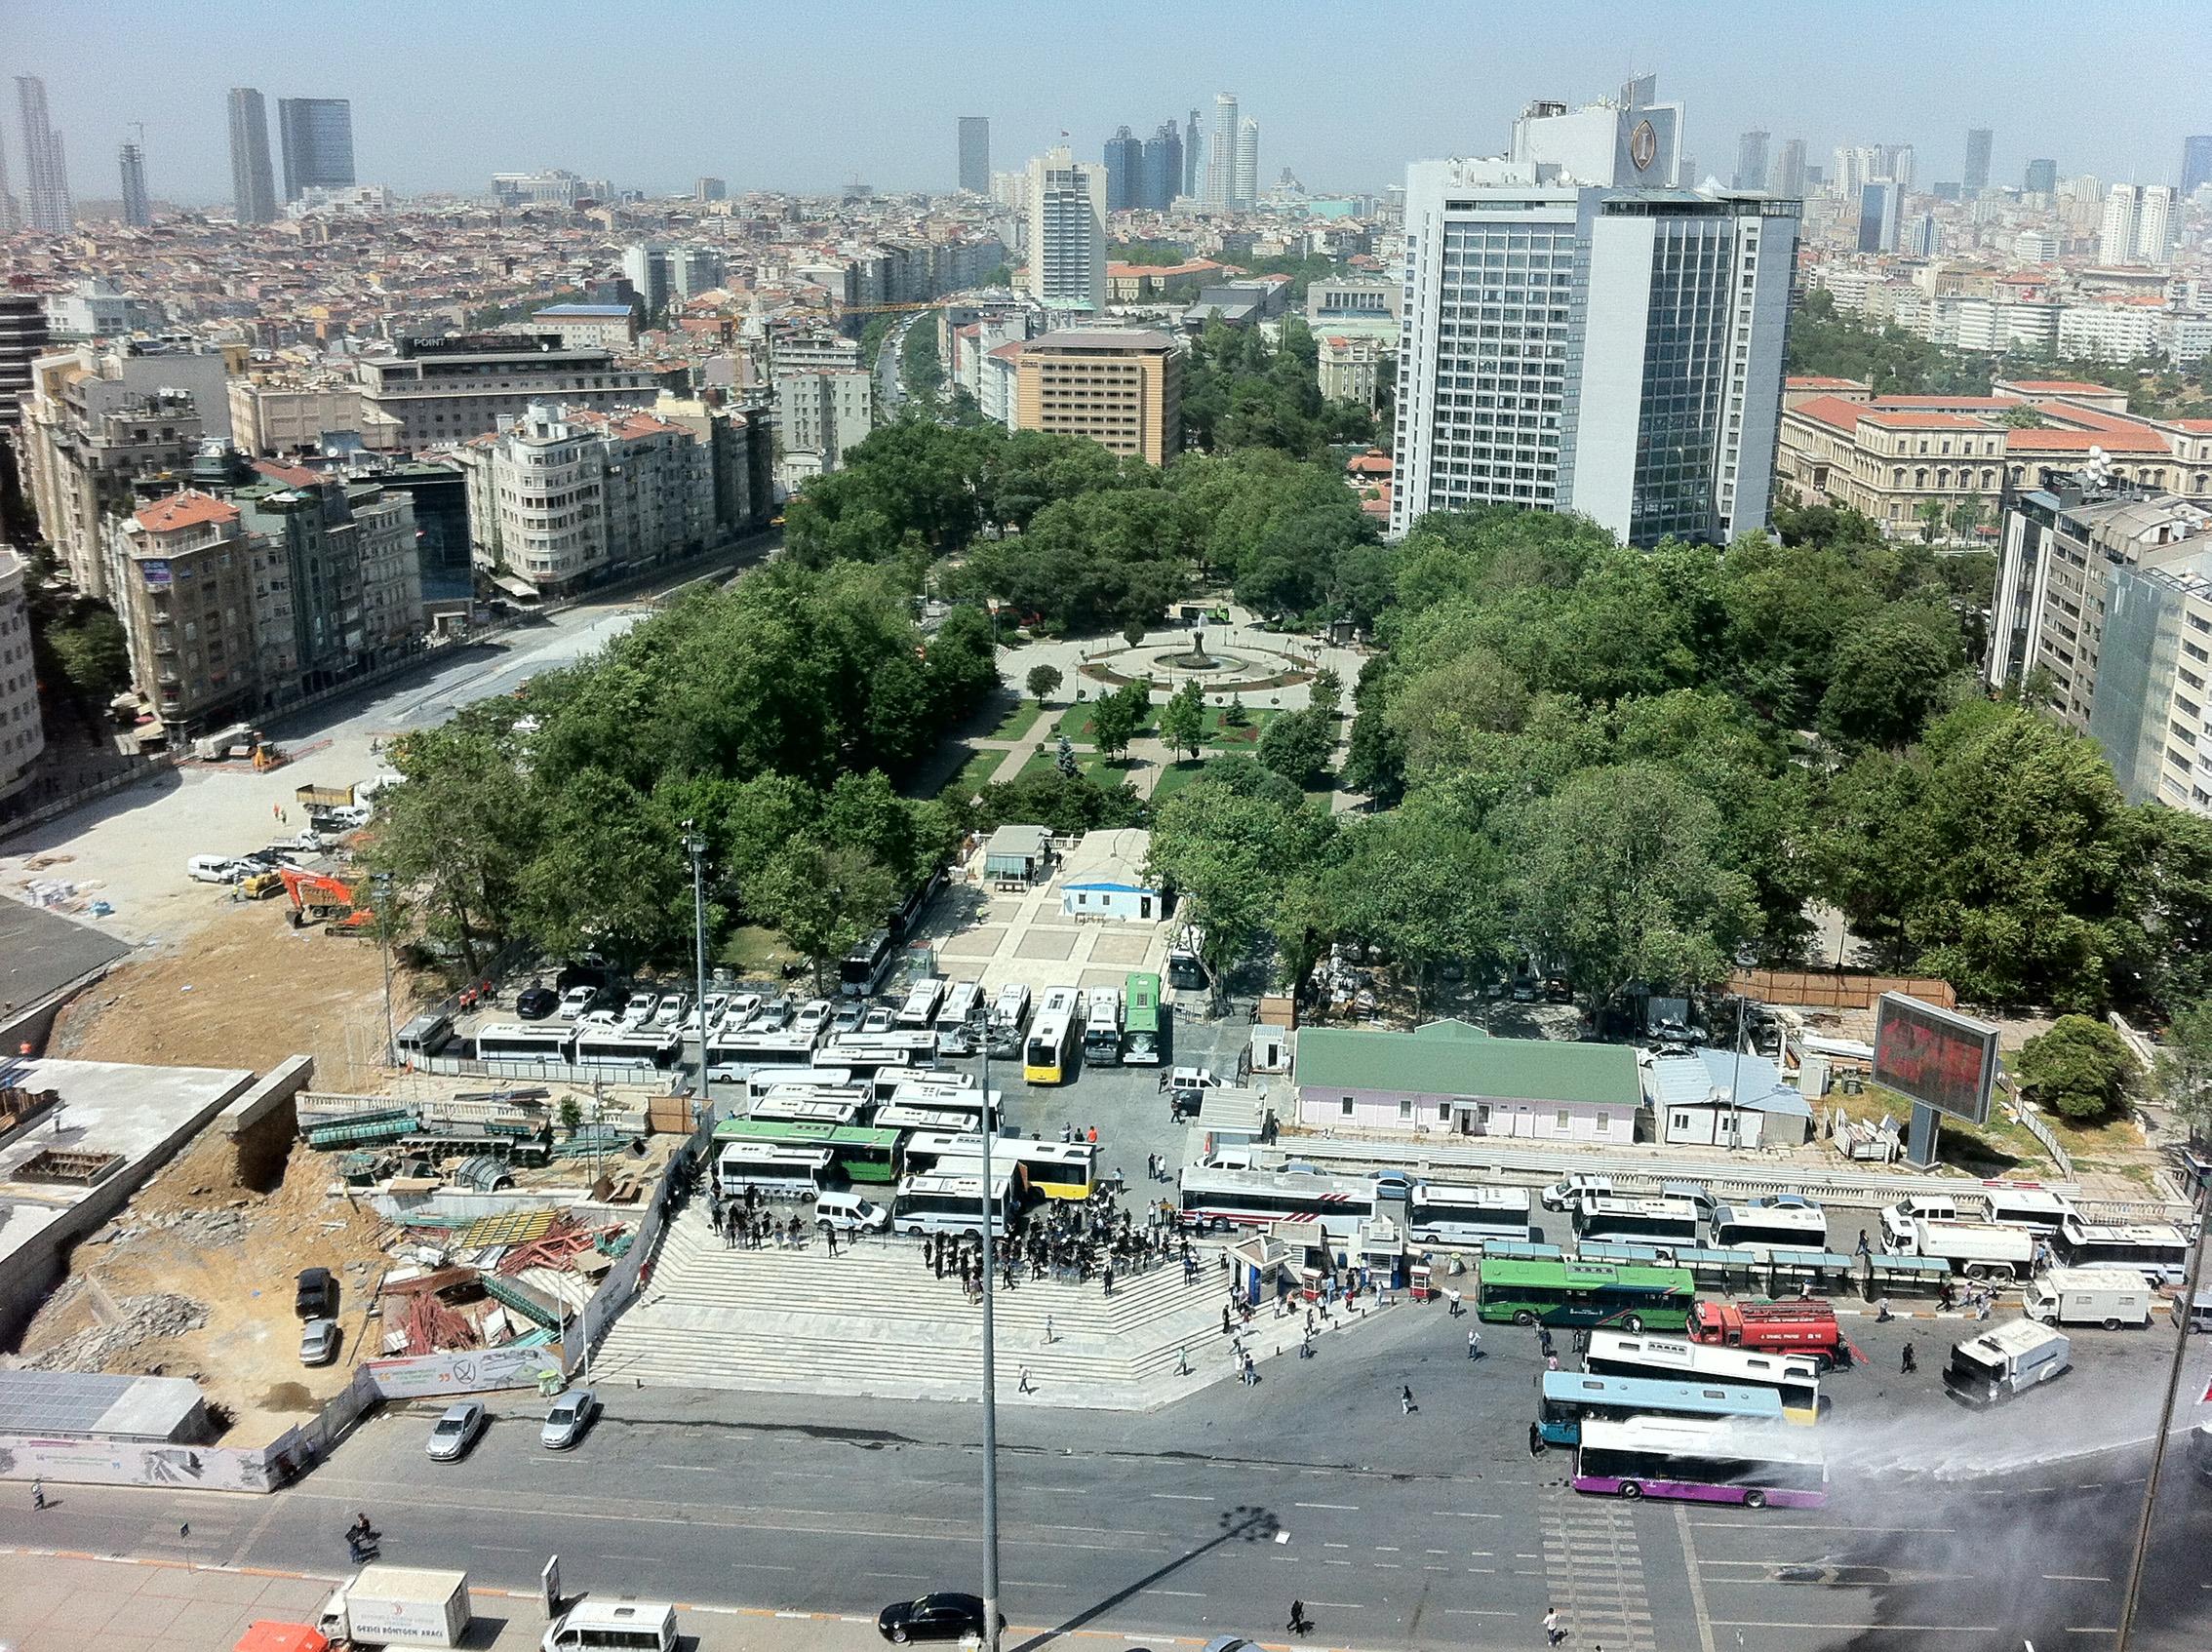 Gezi Park dall'alto / Da Gezi Park a Taksim, le proteste ad Istanbul /  Gallerie / Media - Osservatorio Balcani e Caucaso Transeuropa